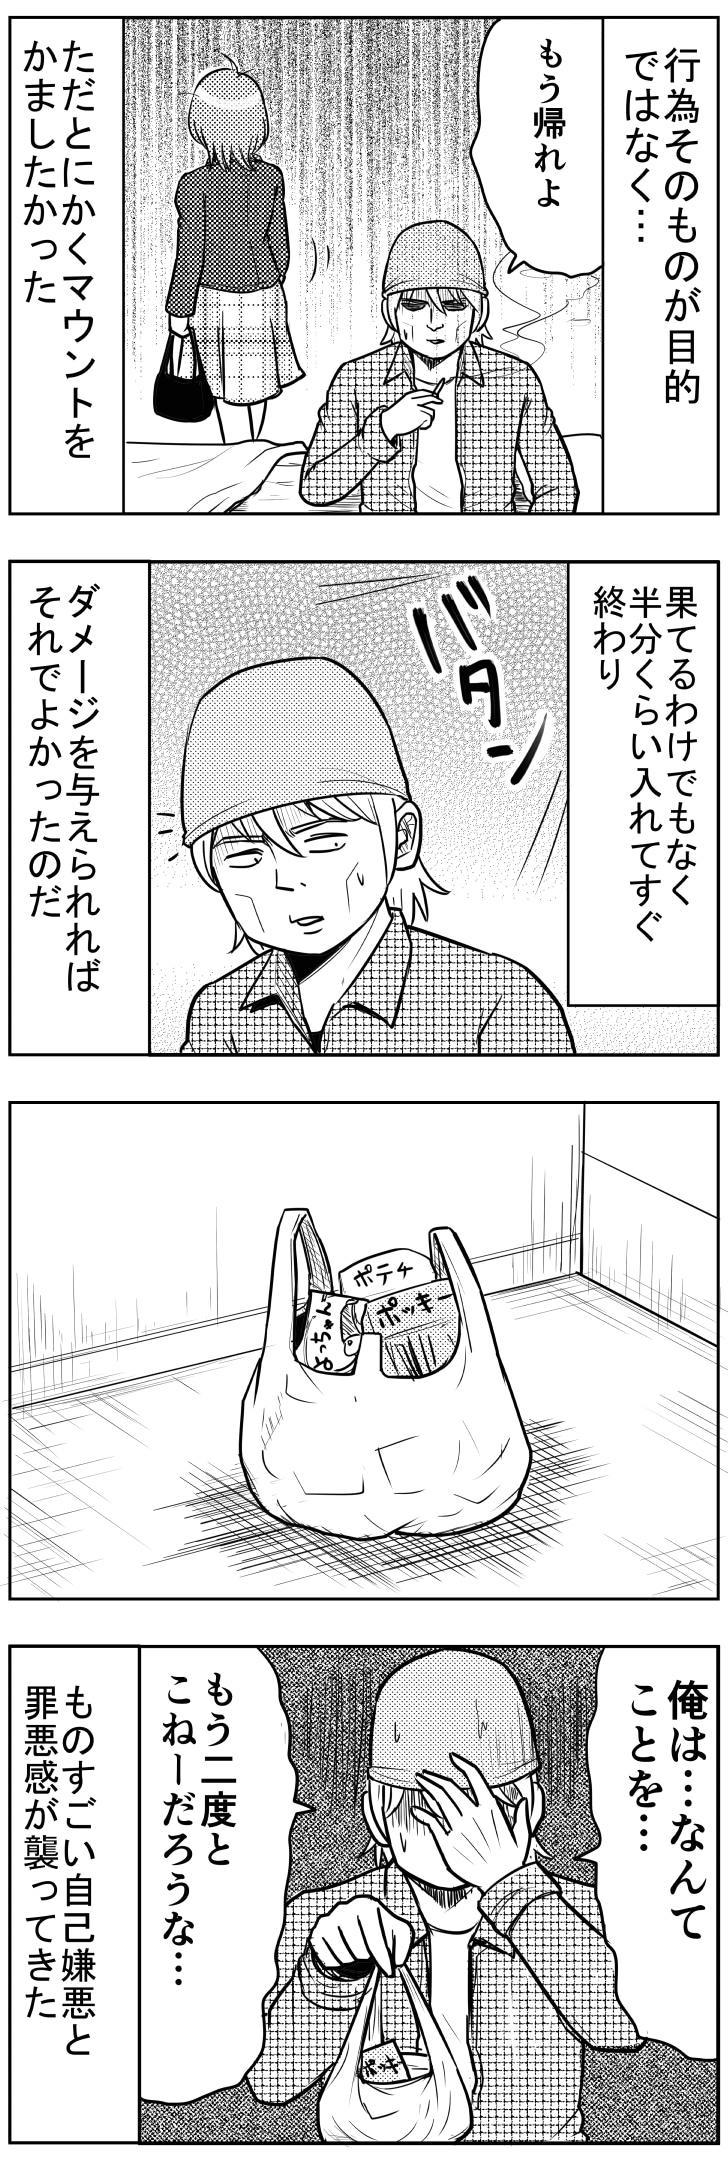 最低な男【漫画~キヒロの青春】69